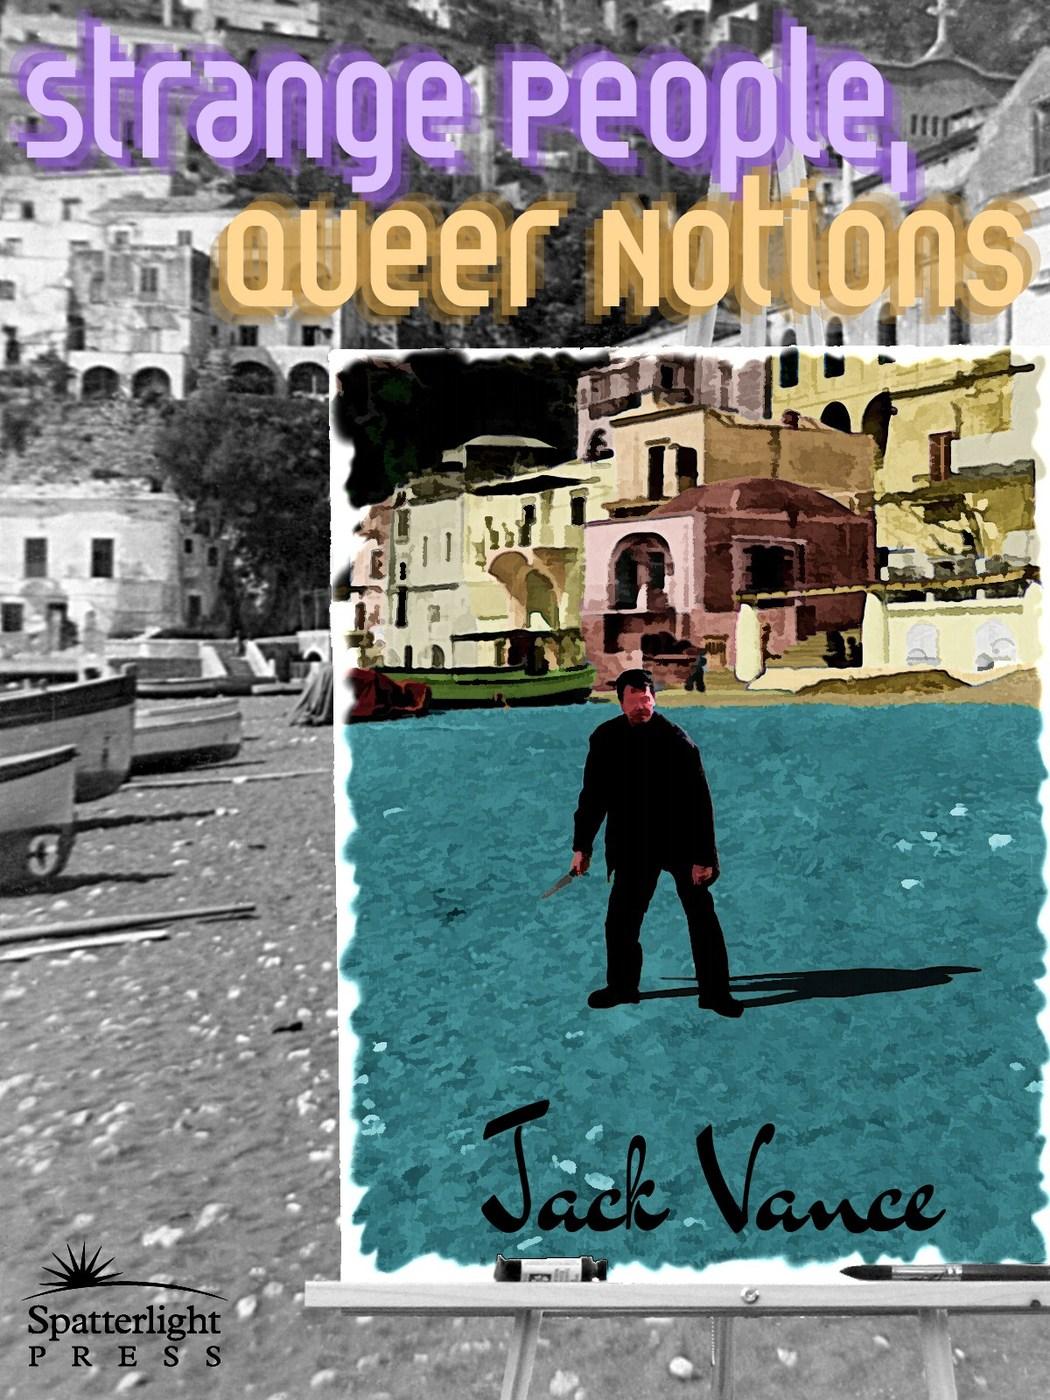 Strange People, Queer Notions